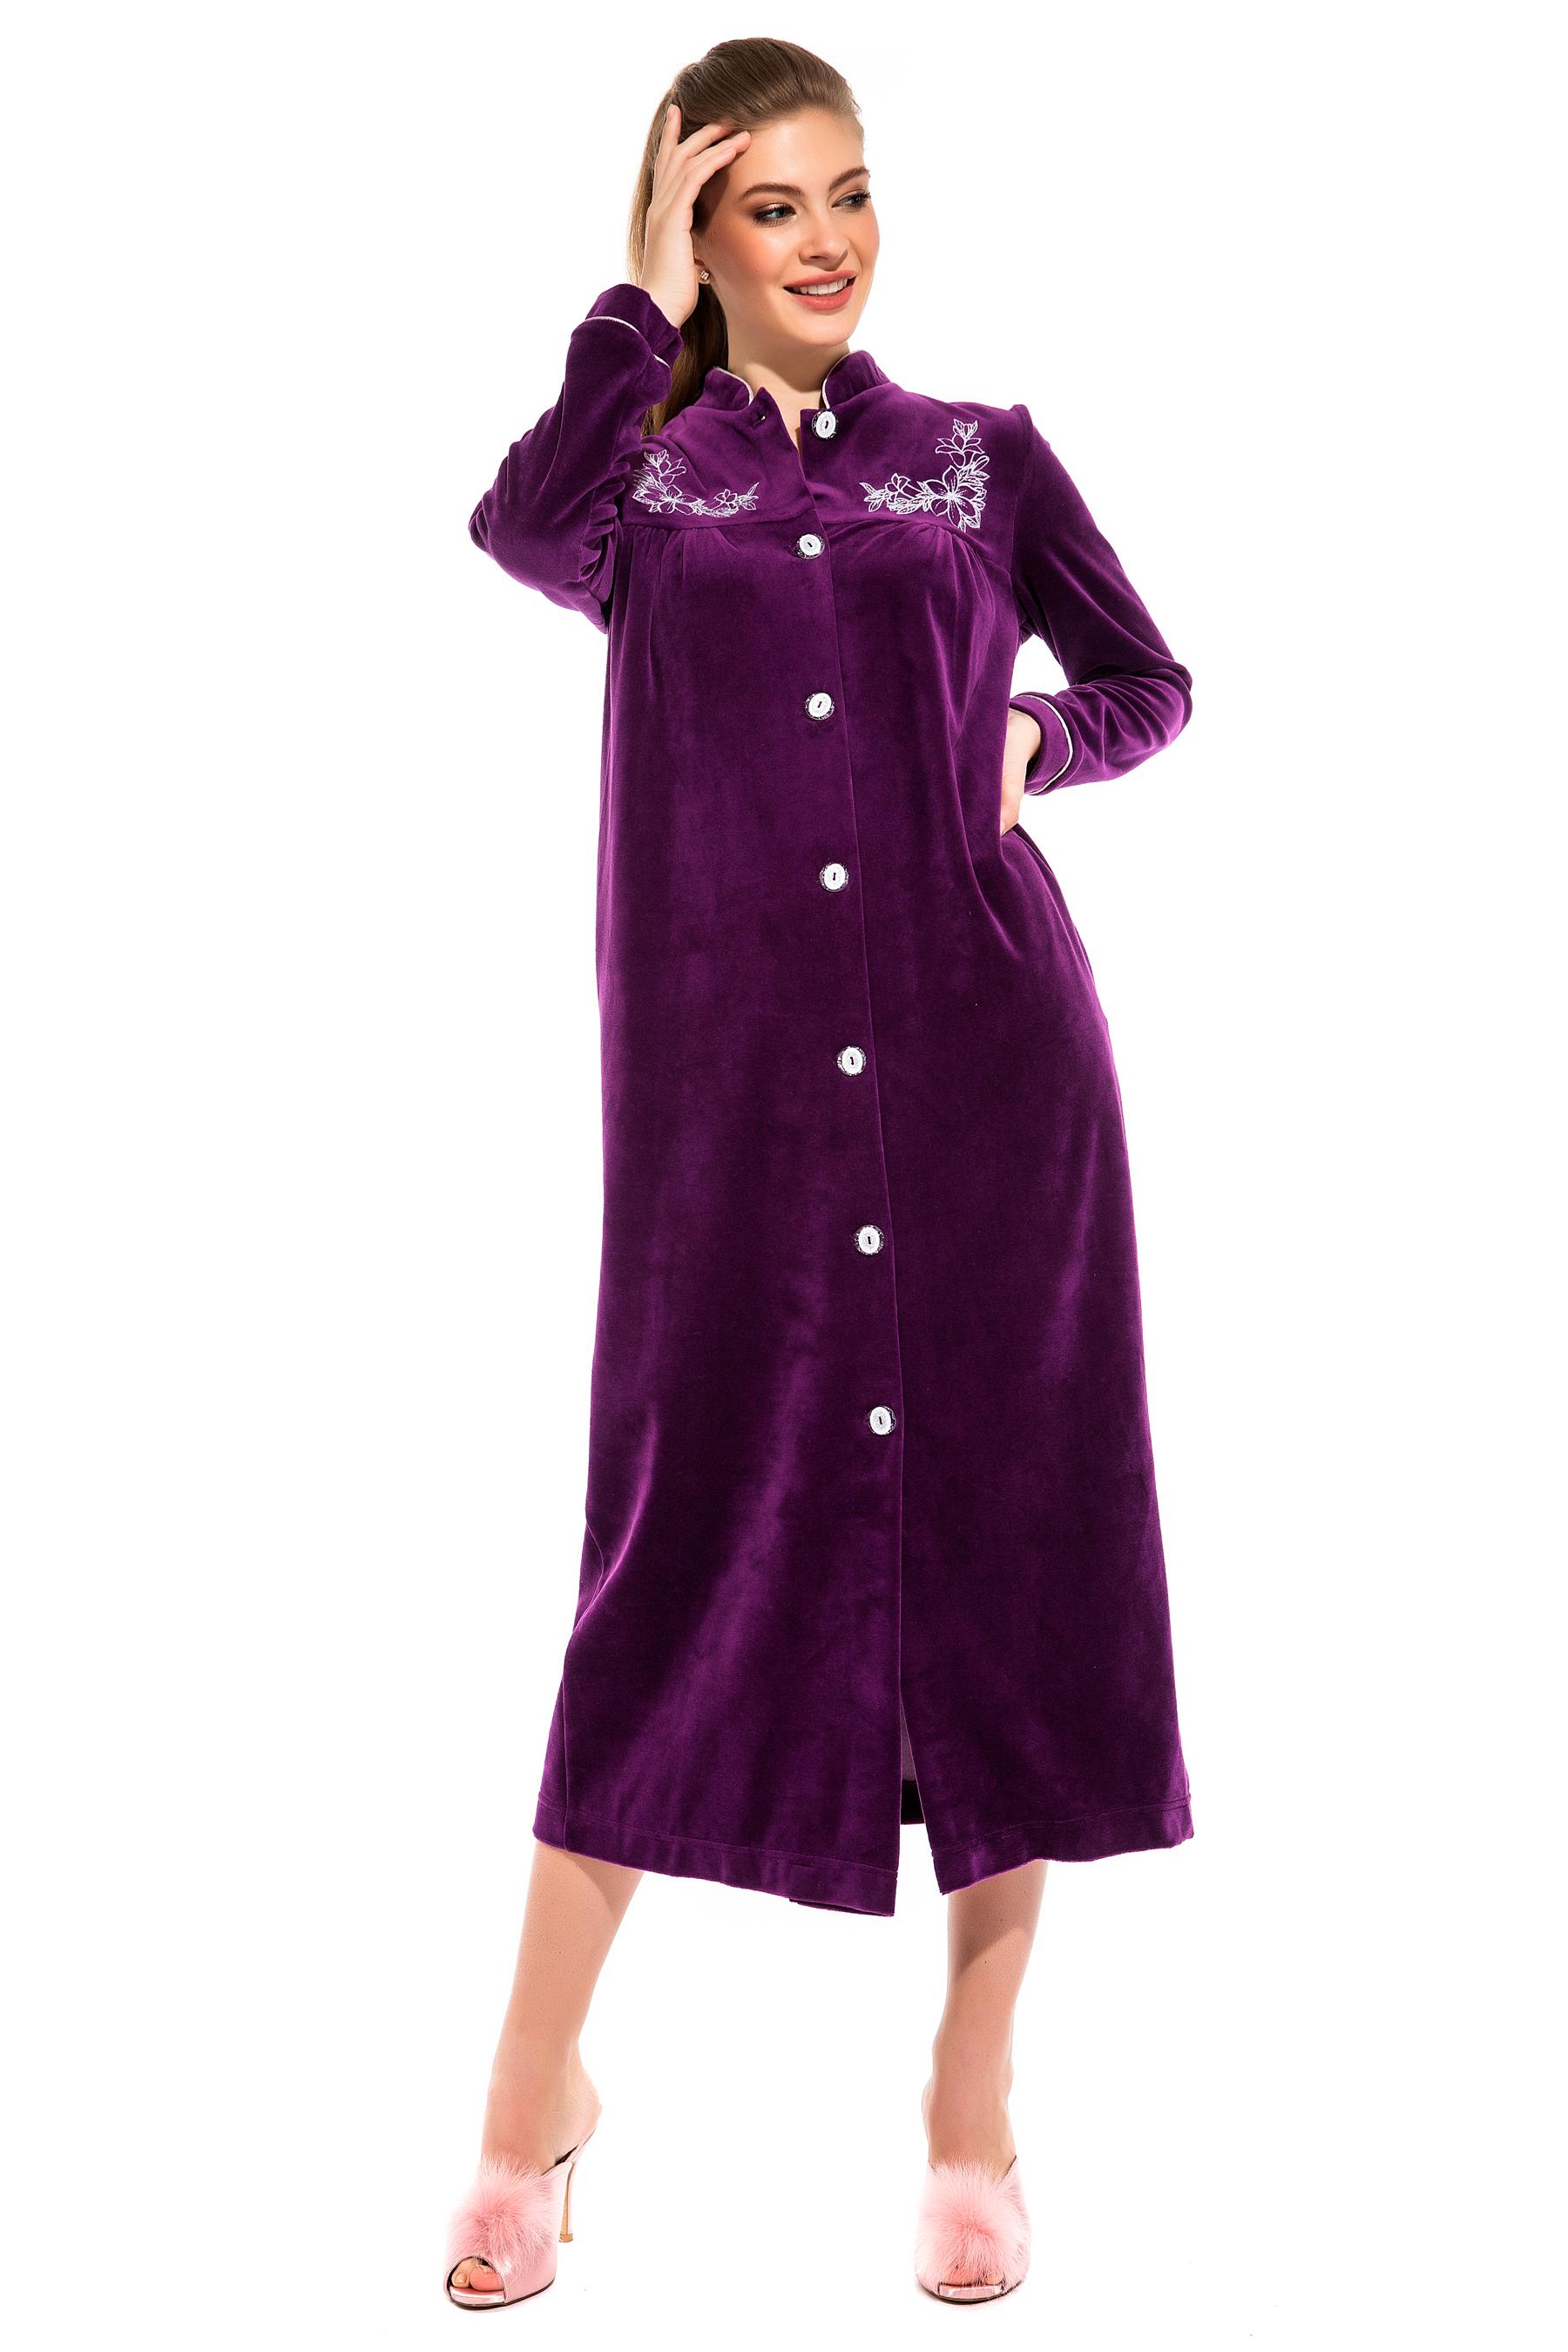 Велюровый халат на пуговицах AURORE (PM 391), цвет фиолетовый, размер XL (50-52)